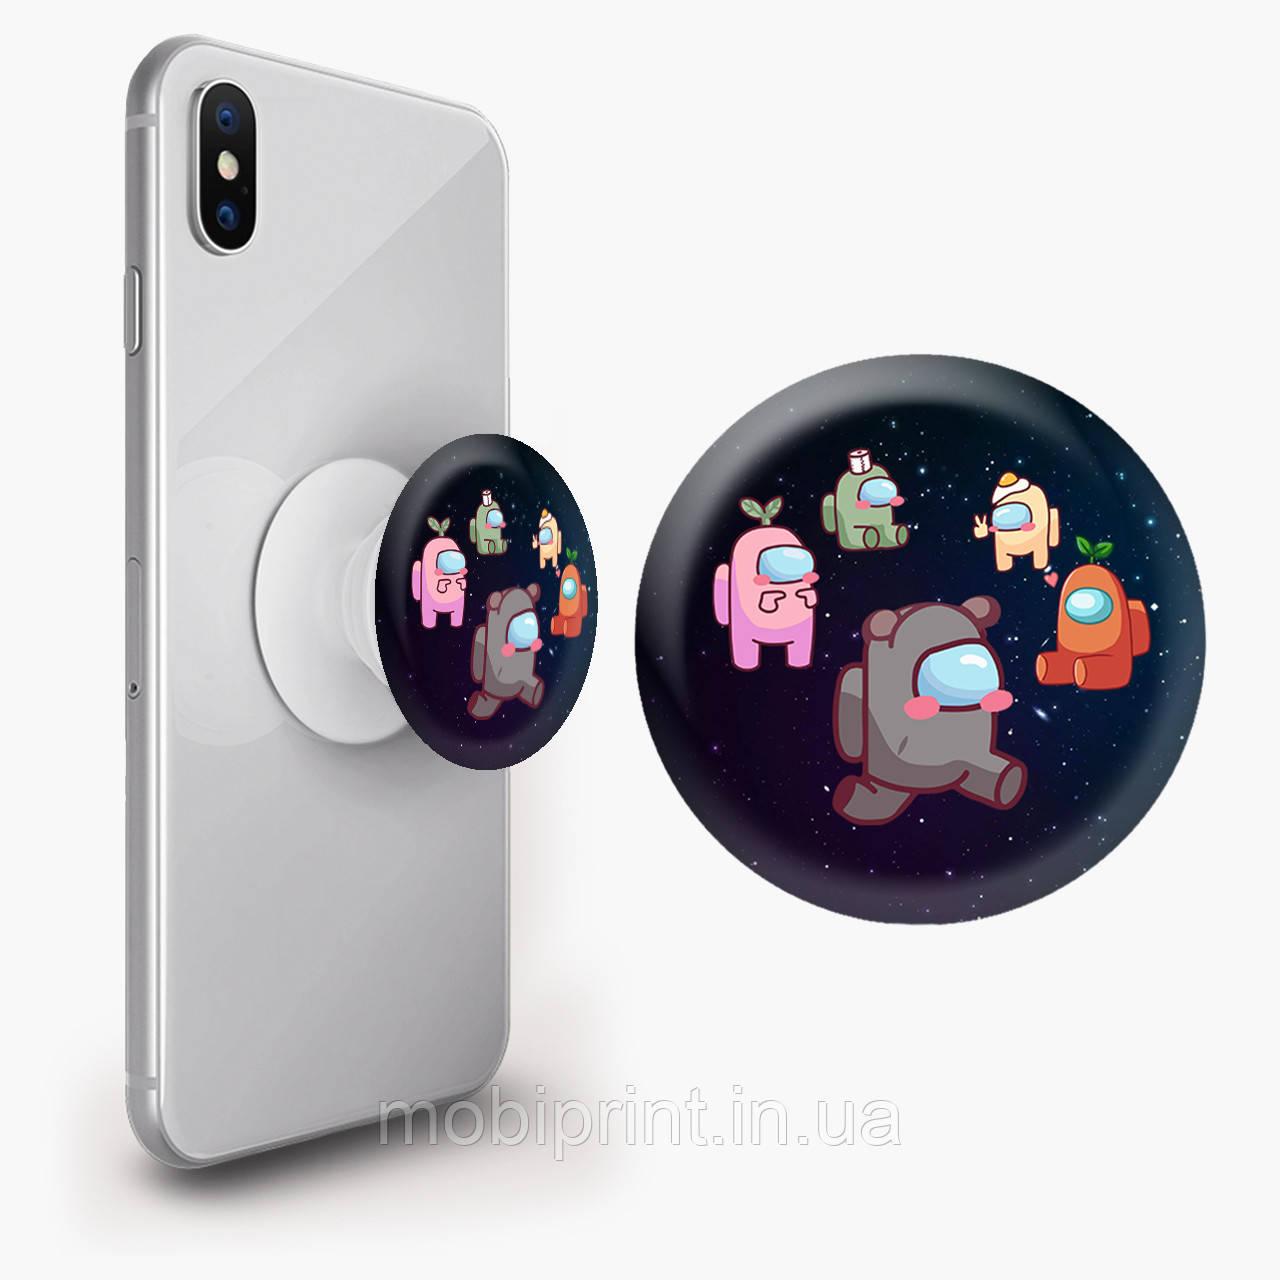 Попсокет (Popsockets) тримач для смартфона Амонг Ас (Among Us) (8754-2407)